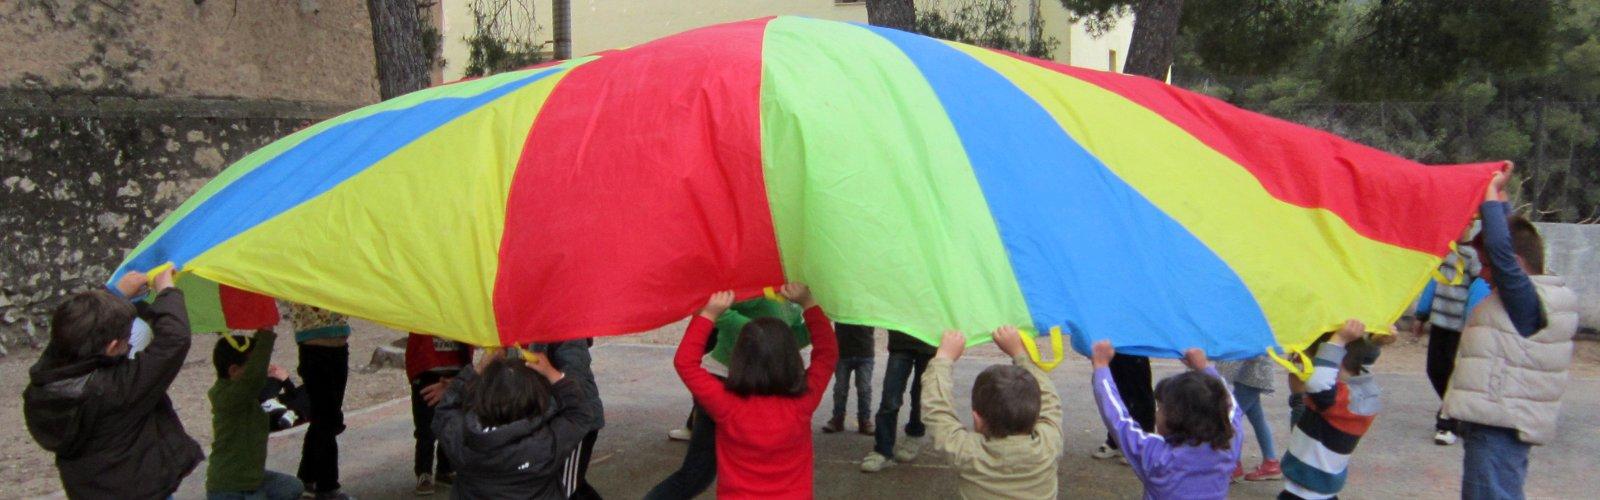 Animación Infantil - Escuelas de Verano y Ludotecas - Auró Activitats